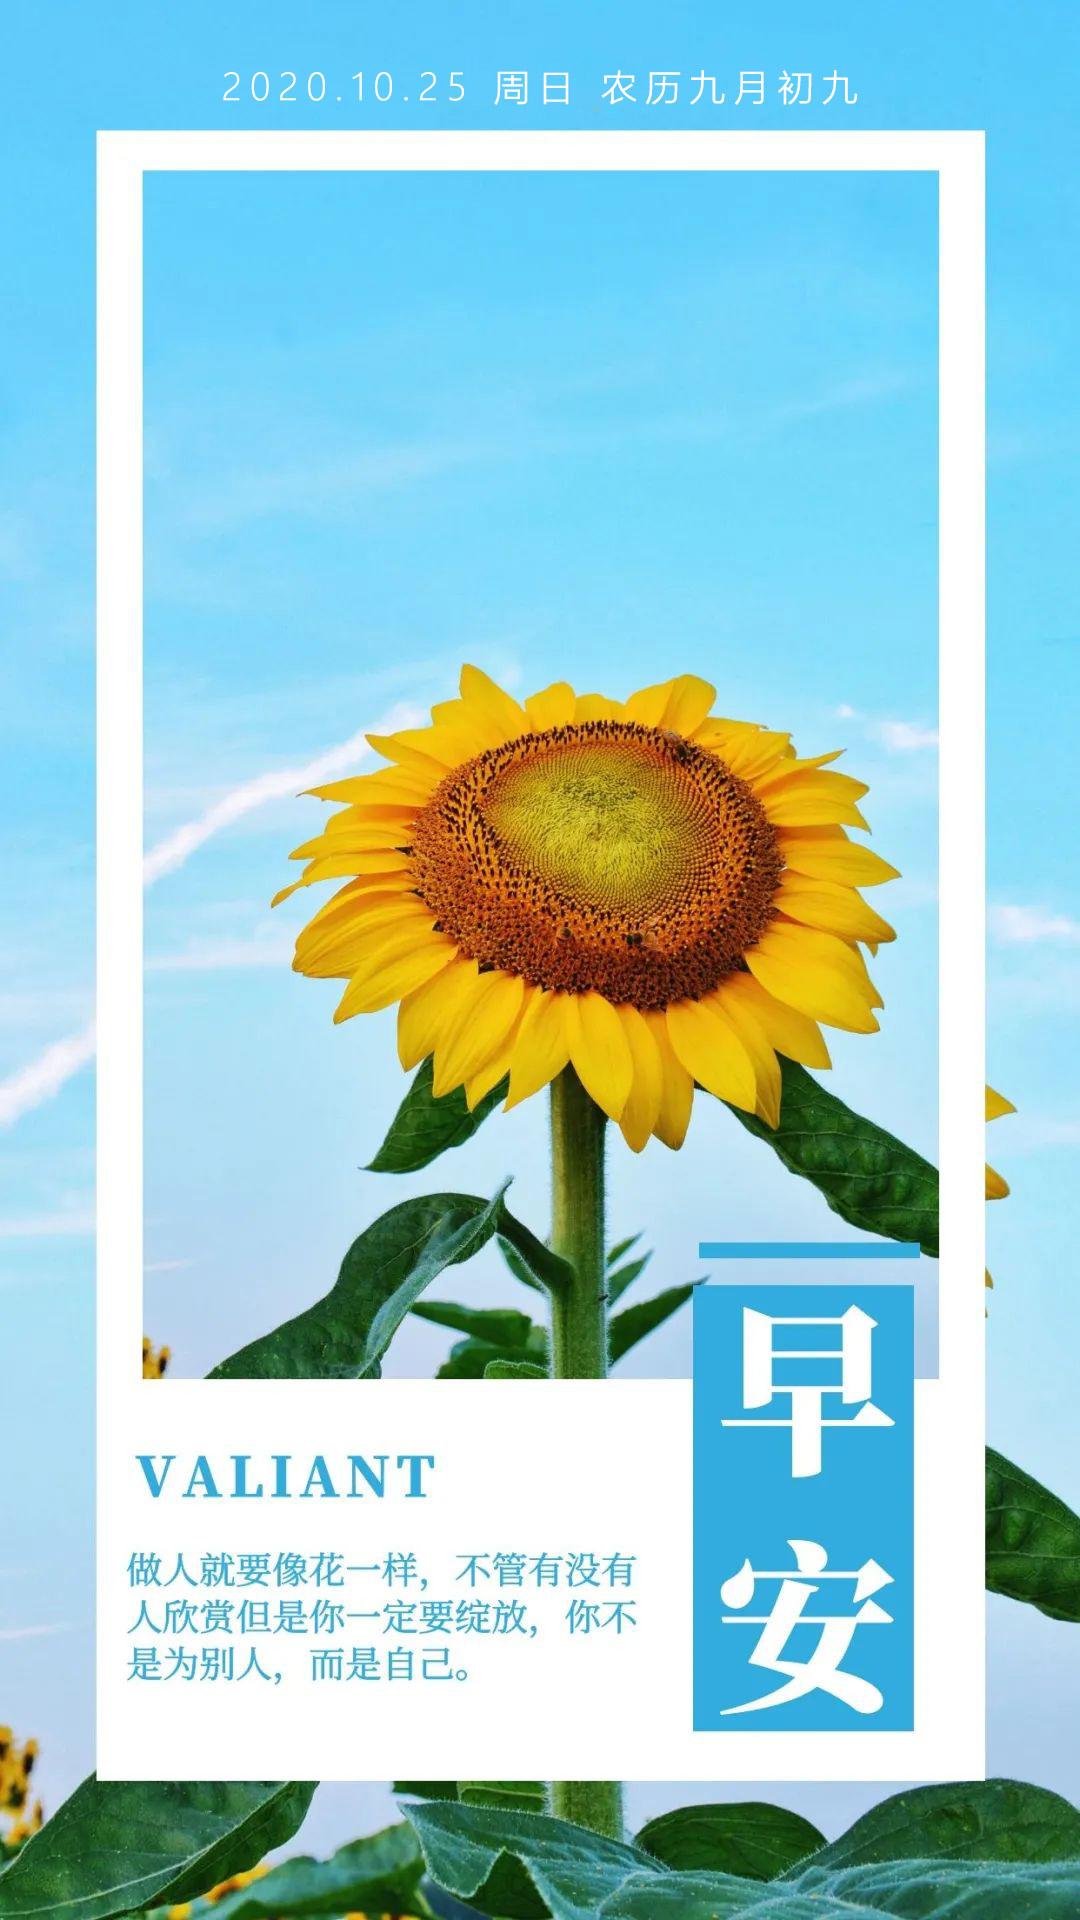 重阳节早上好正能量阳光问候语图片日签